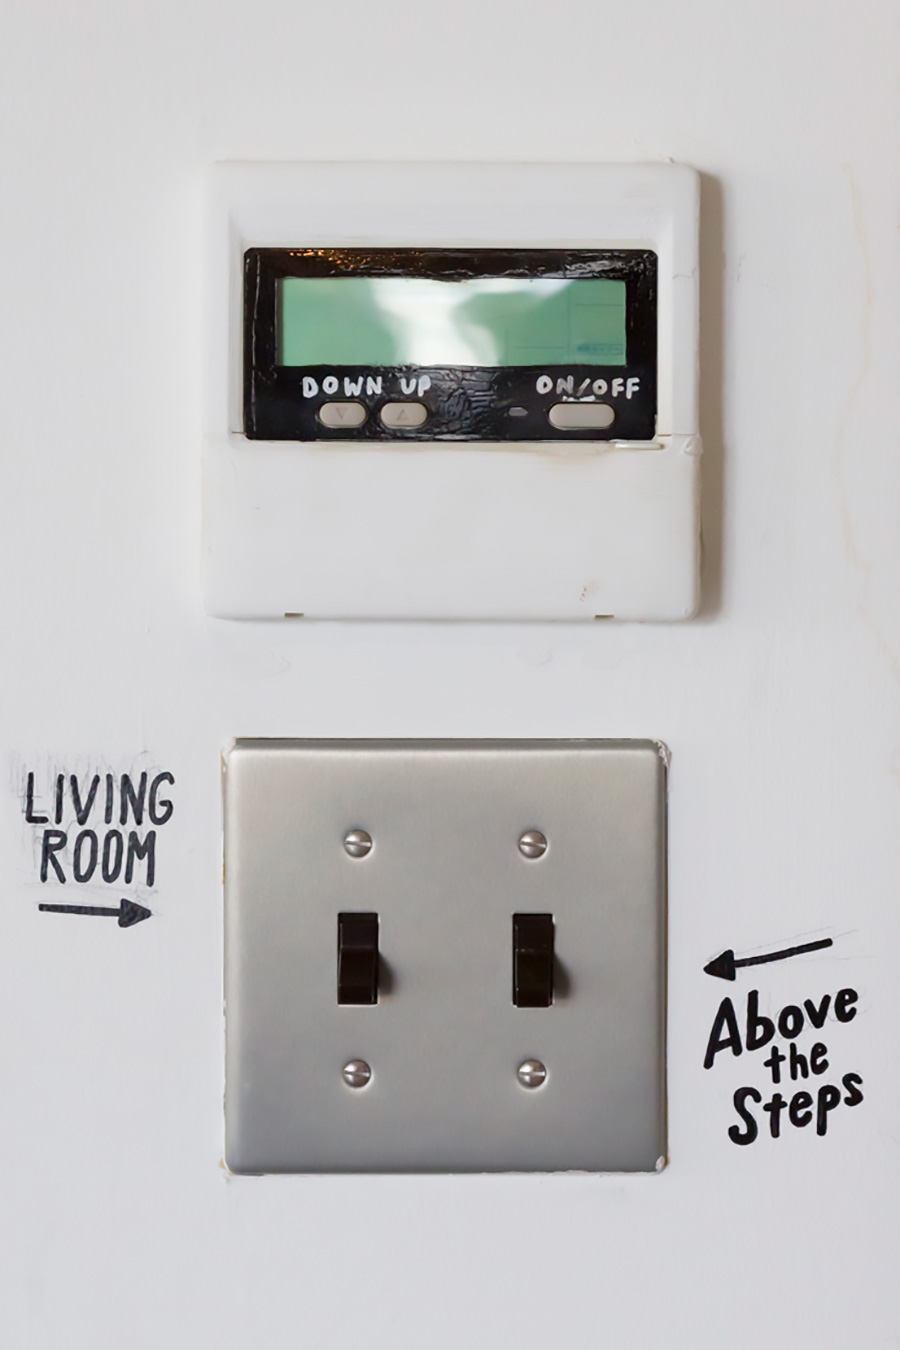 スイッチ回りにマーカーで手書きのサイン。デザイン的に今一つな給湯器のスイッチもペイントすればこんなにキュートに。